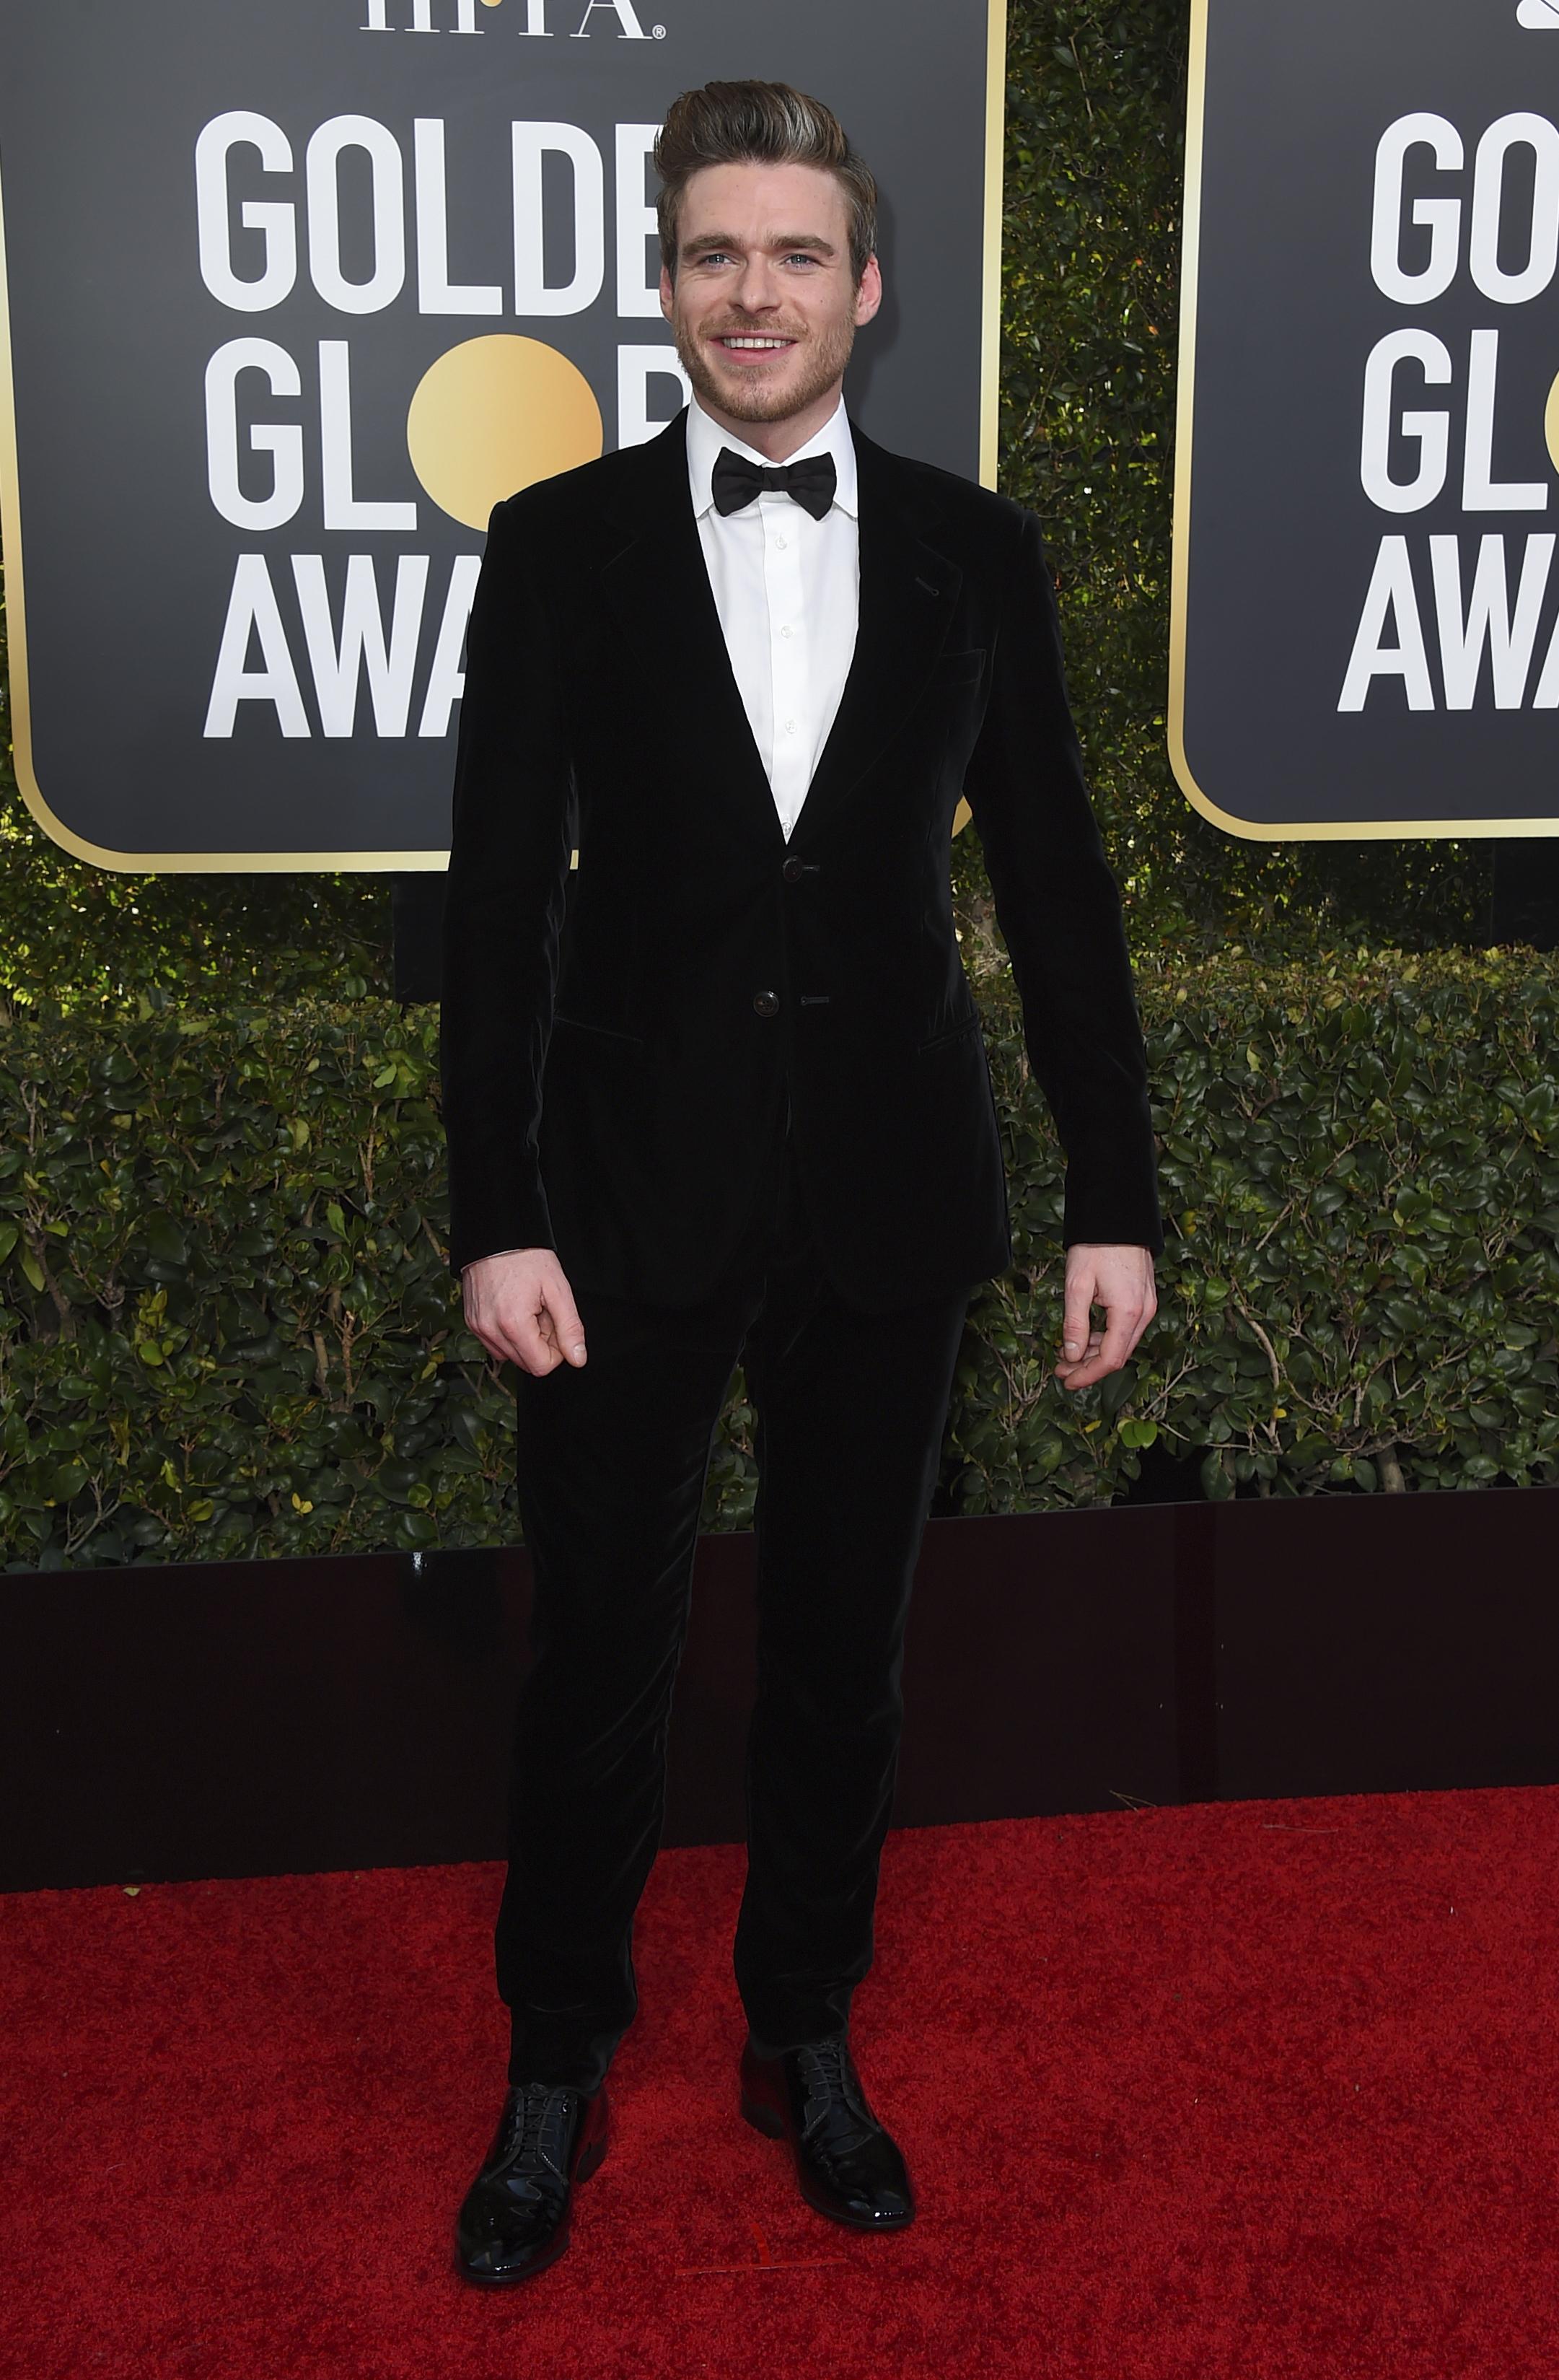 Richard Madden eligió para la ceremonia un black tie de chiffón con camisa blanca y moño negro. Completó el look con zapatos de charol